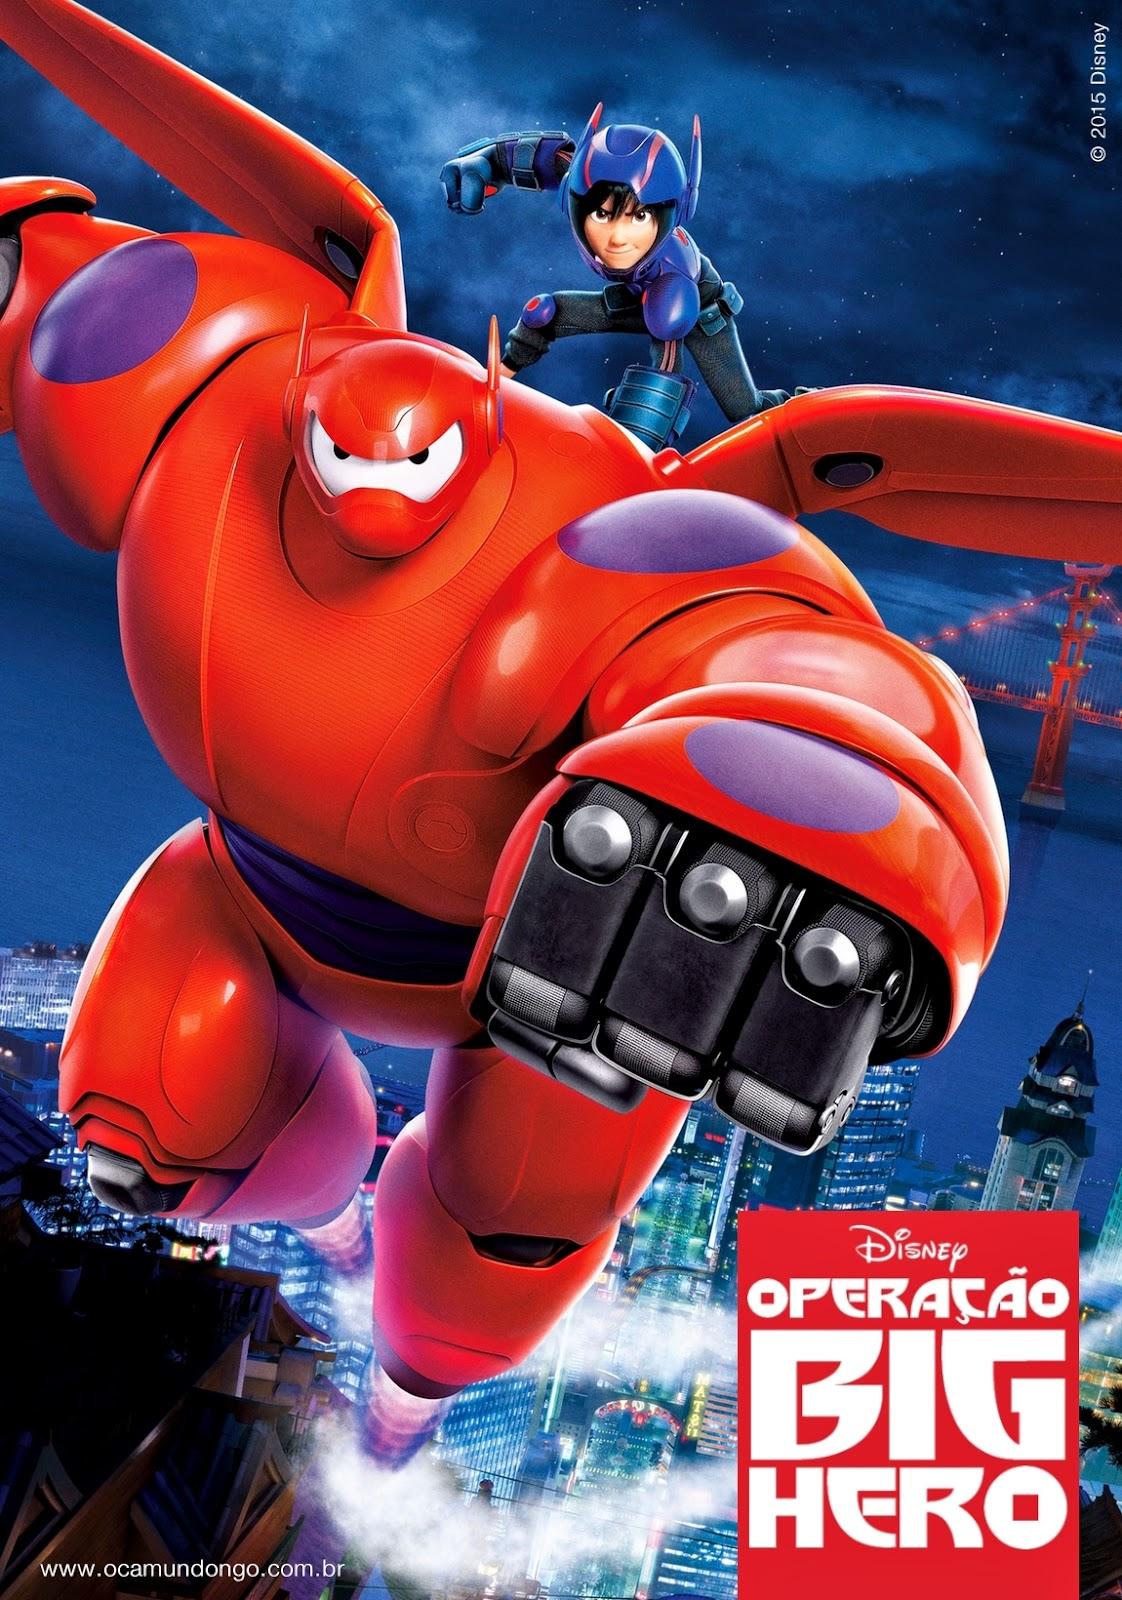 Operacao Big Hero